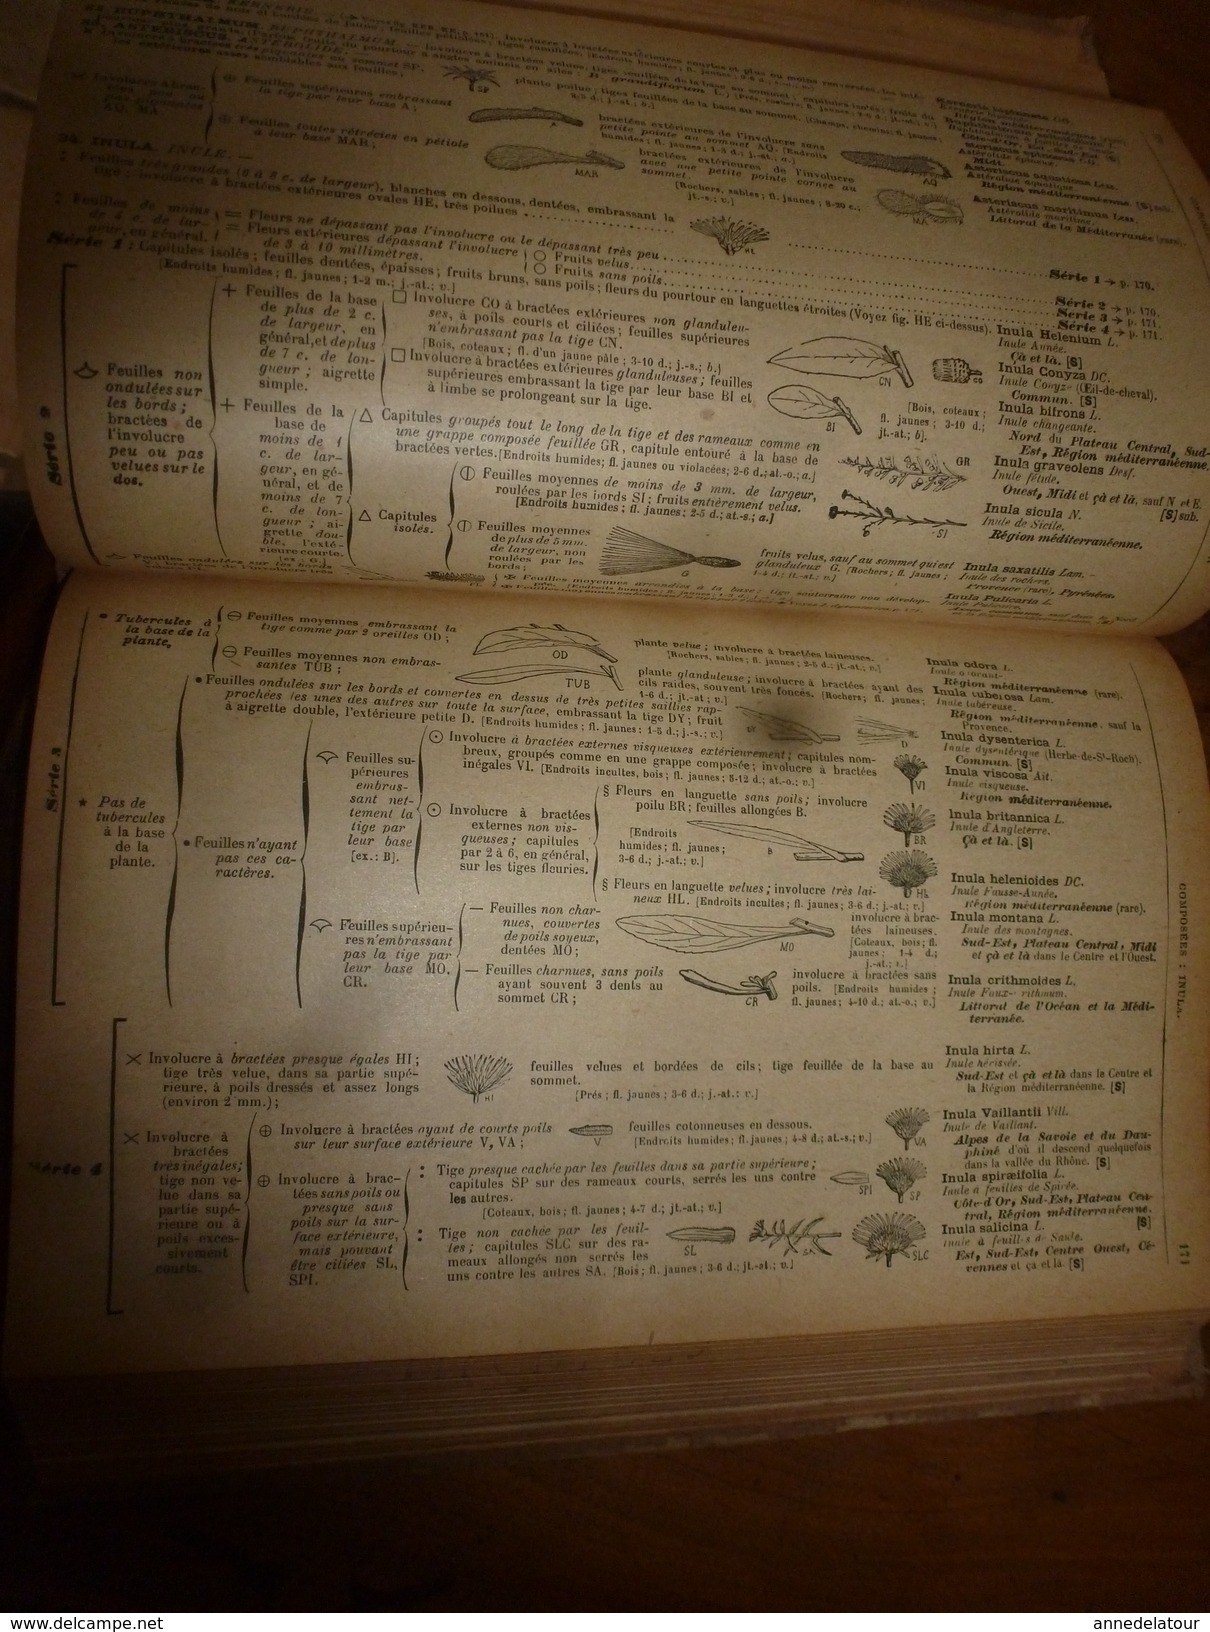 1944 FLORE Complète De La France Et De La Suisse Par G. Bonnier Et G. De Layens , Comprenant 5.338 Figures;etc - B. Flower Plants & Flowers